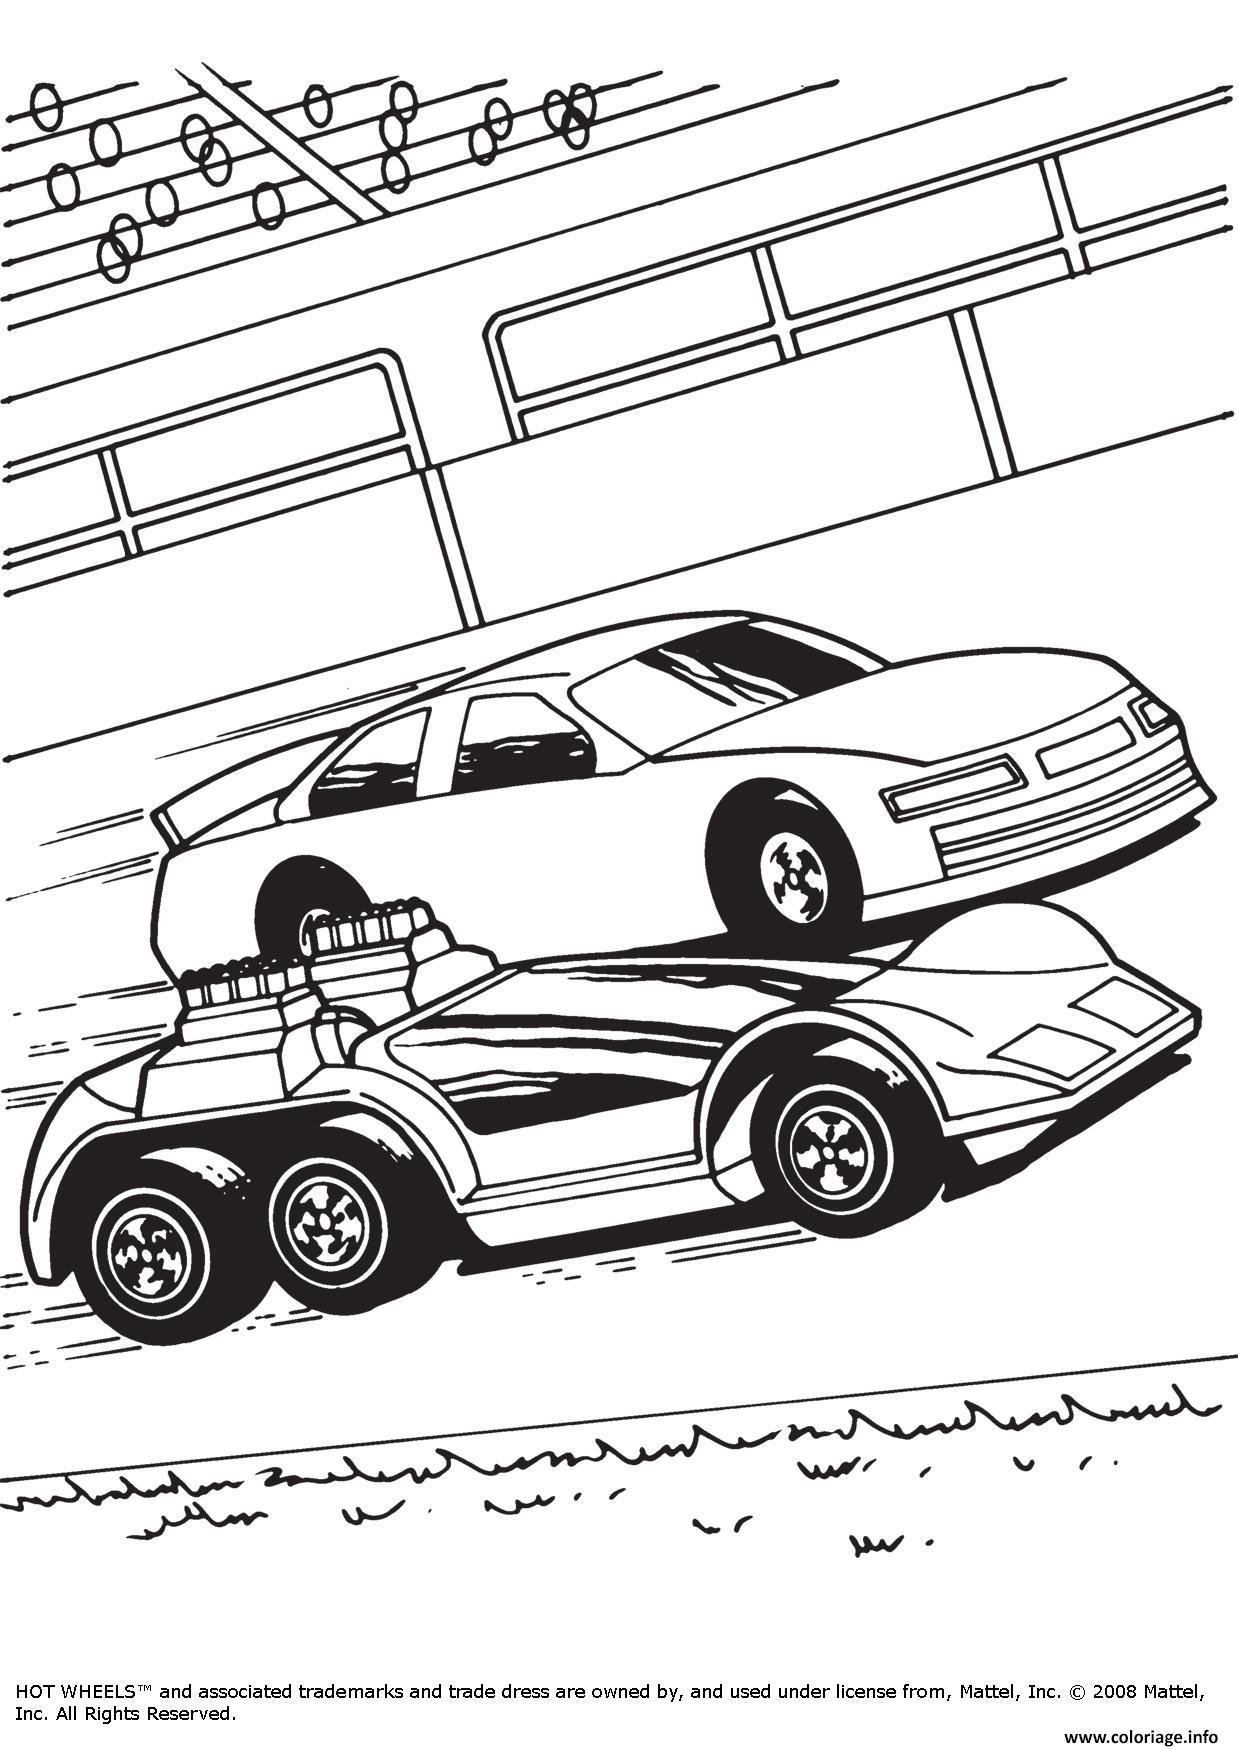 Dessin Hot Wheels voitures Coloriage Gratuit à Imprimer